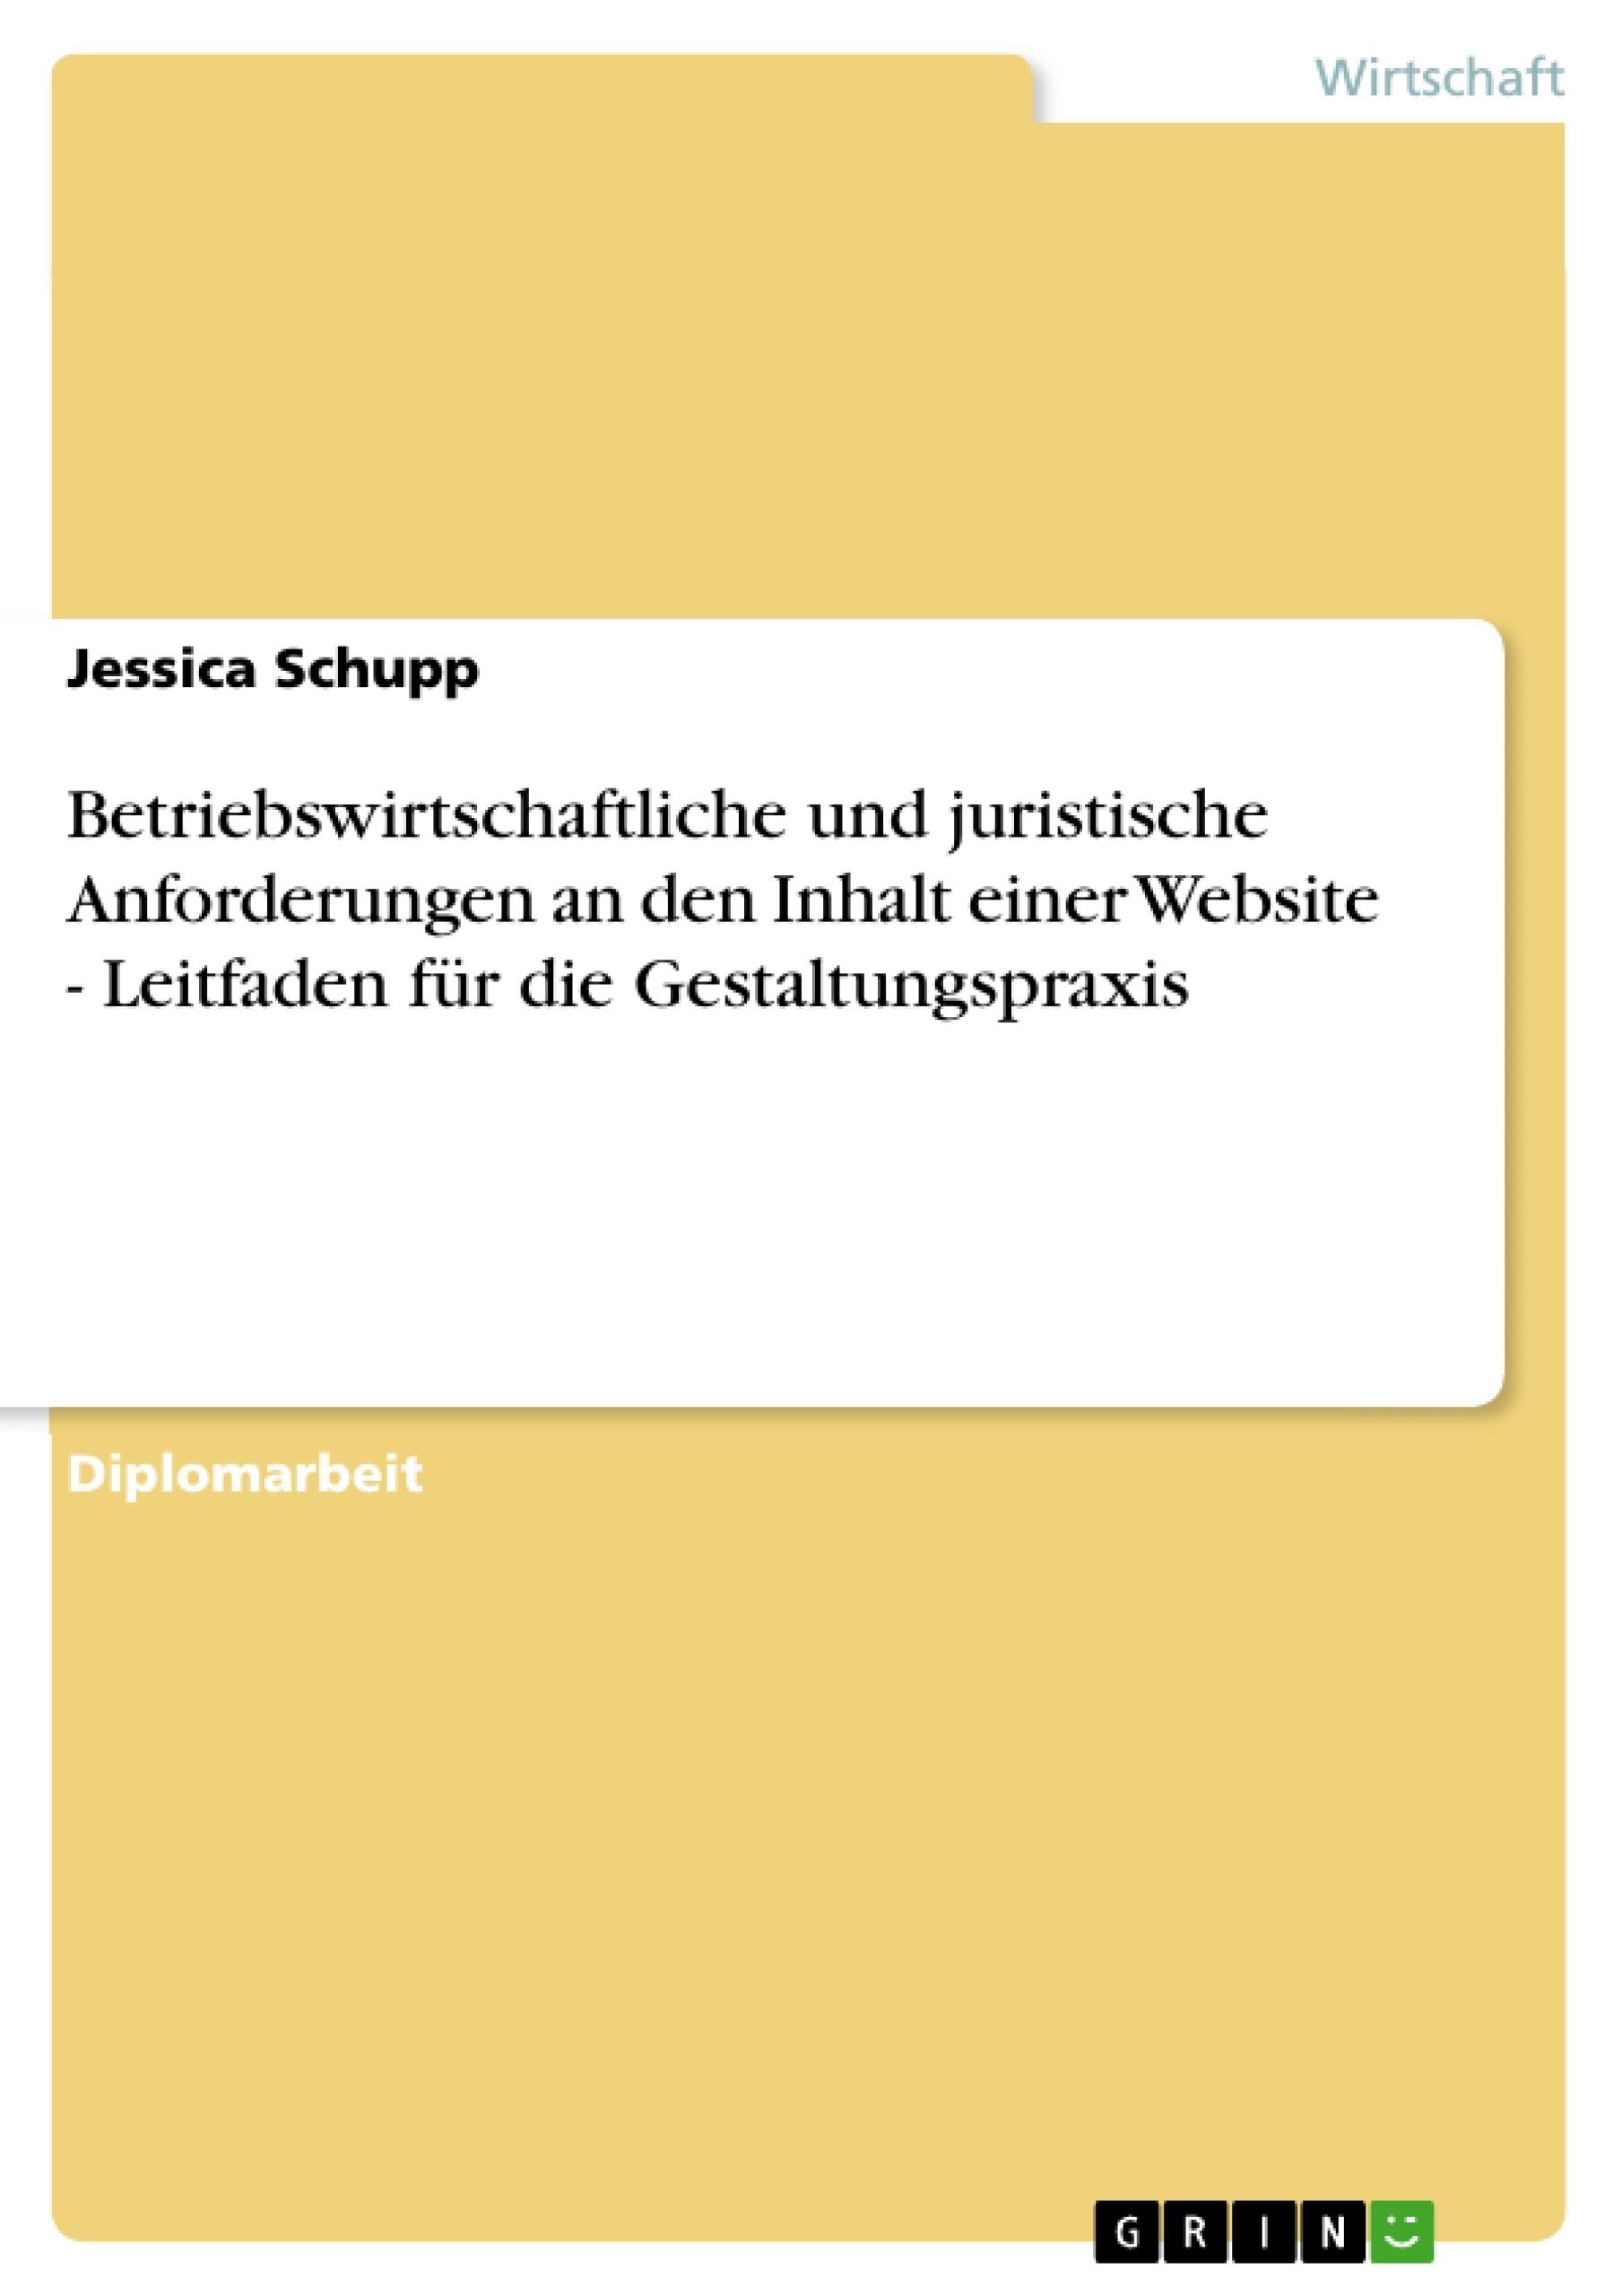 Titel: Betriebswirtschaftliche und juristische Anforderungen an den Inhalt einer Website - Leitfaden für die Gestaltungspraxis